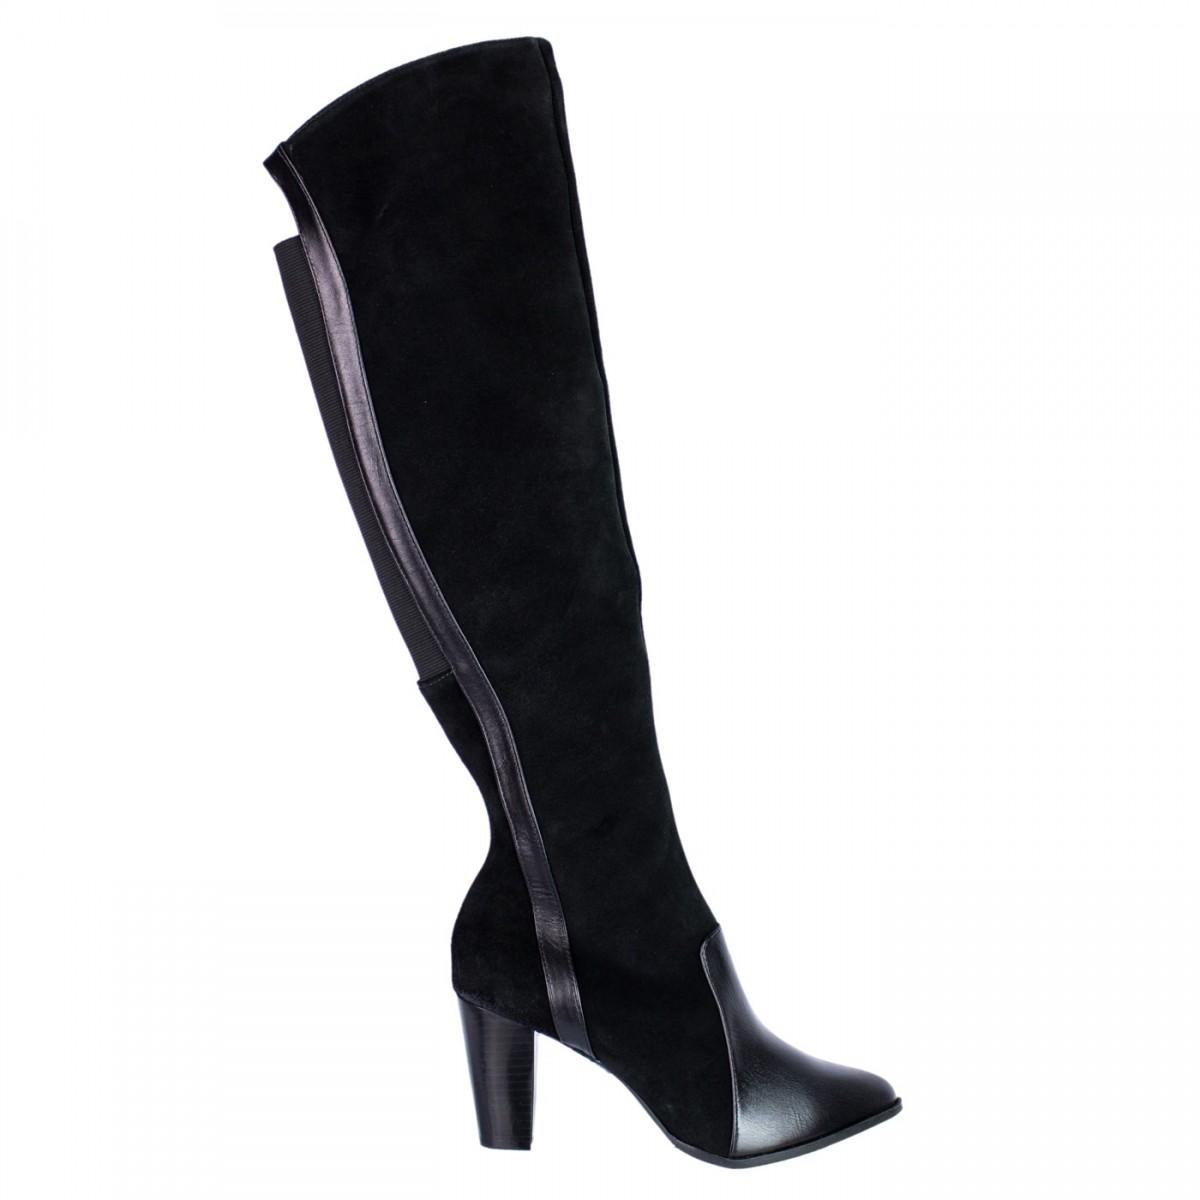 6a798986b Bizz Store - Bota Feminina Over Knee Only Camurça Salto Alto